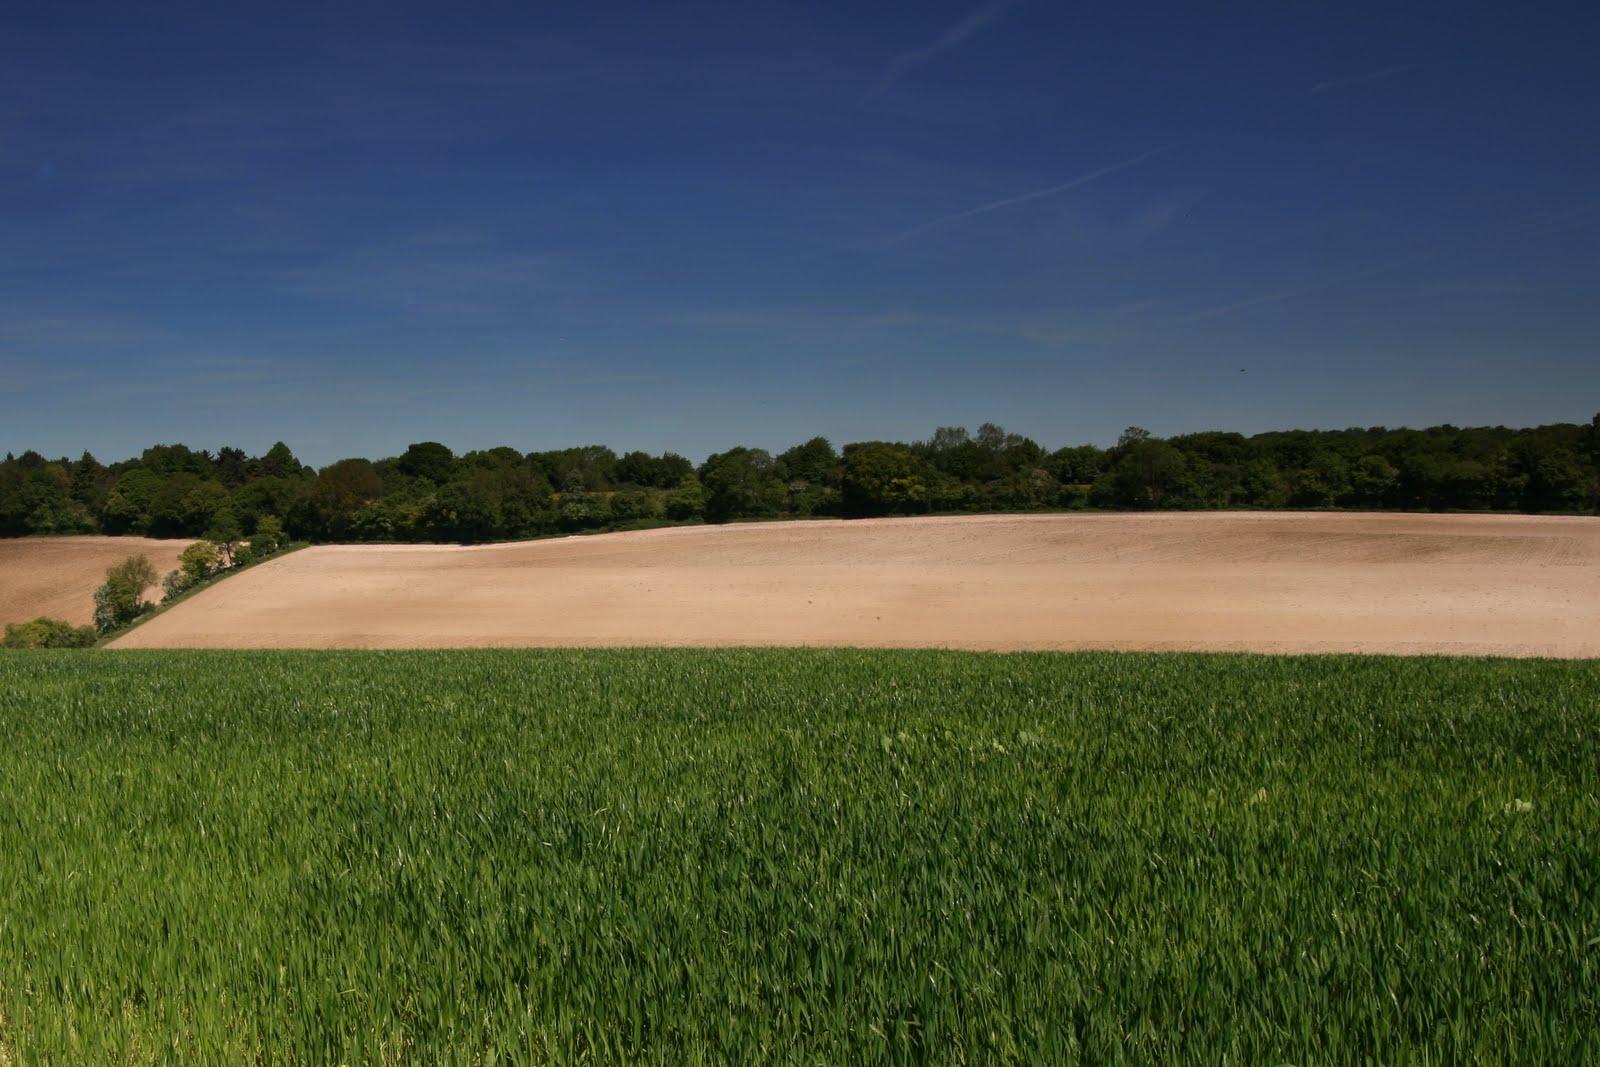 1005 033 Chesham to Great Missenden, England Prime crops